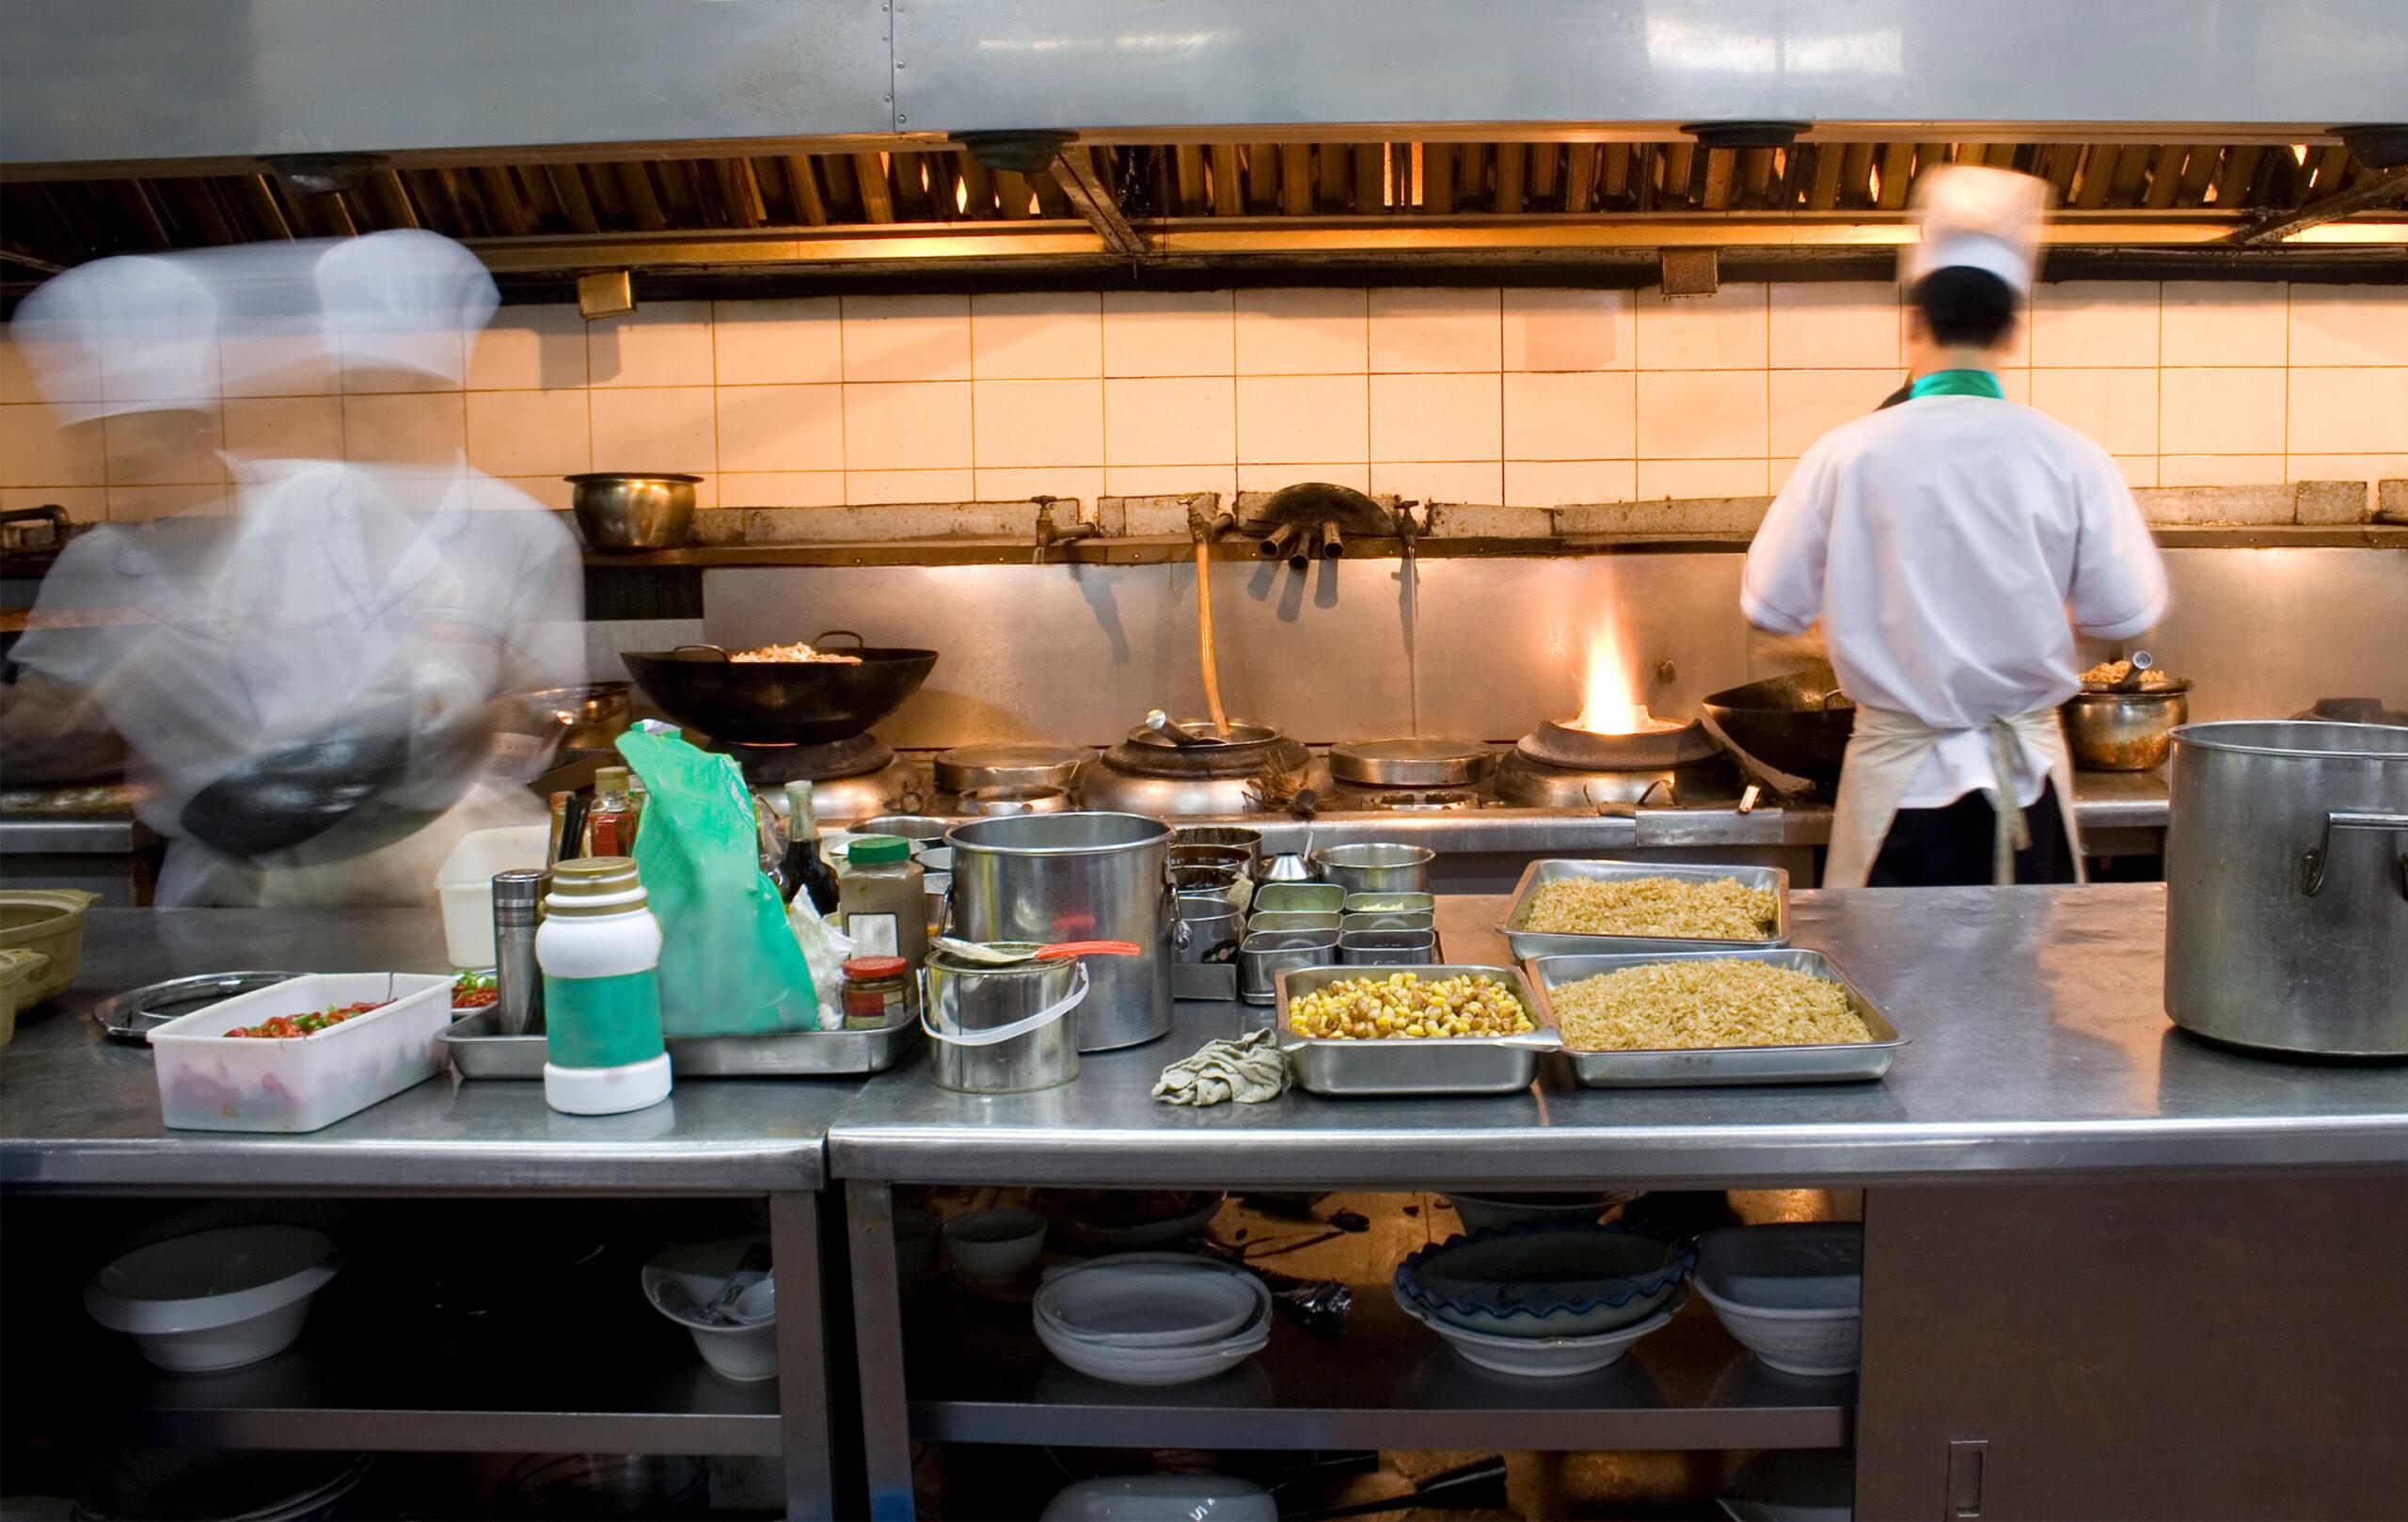 Köche bei der Zubereitung des Abendessens